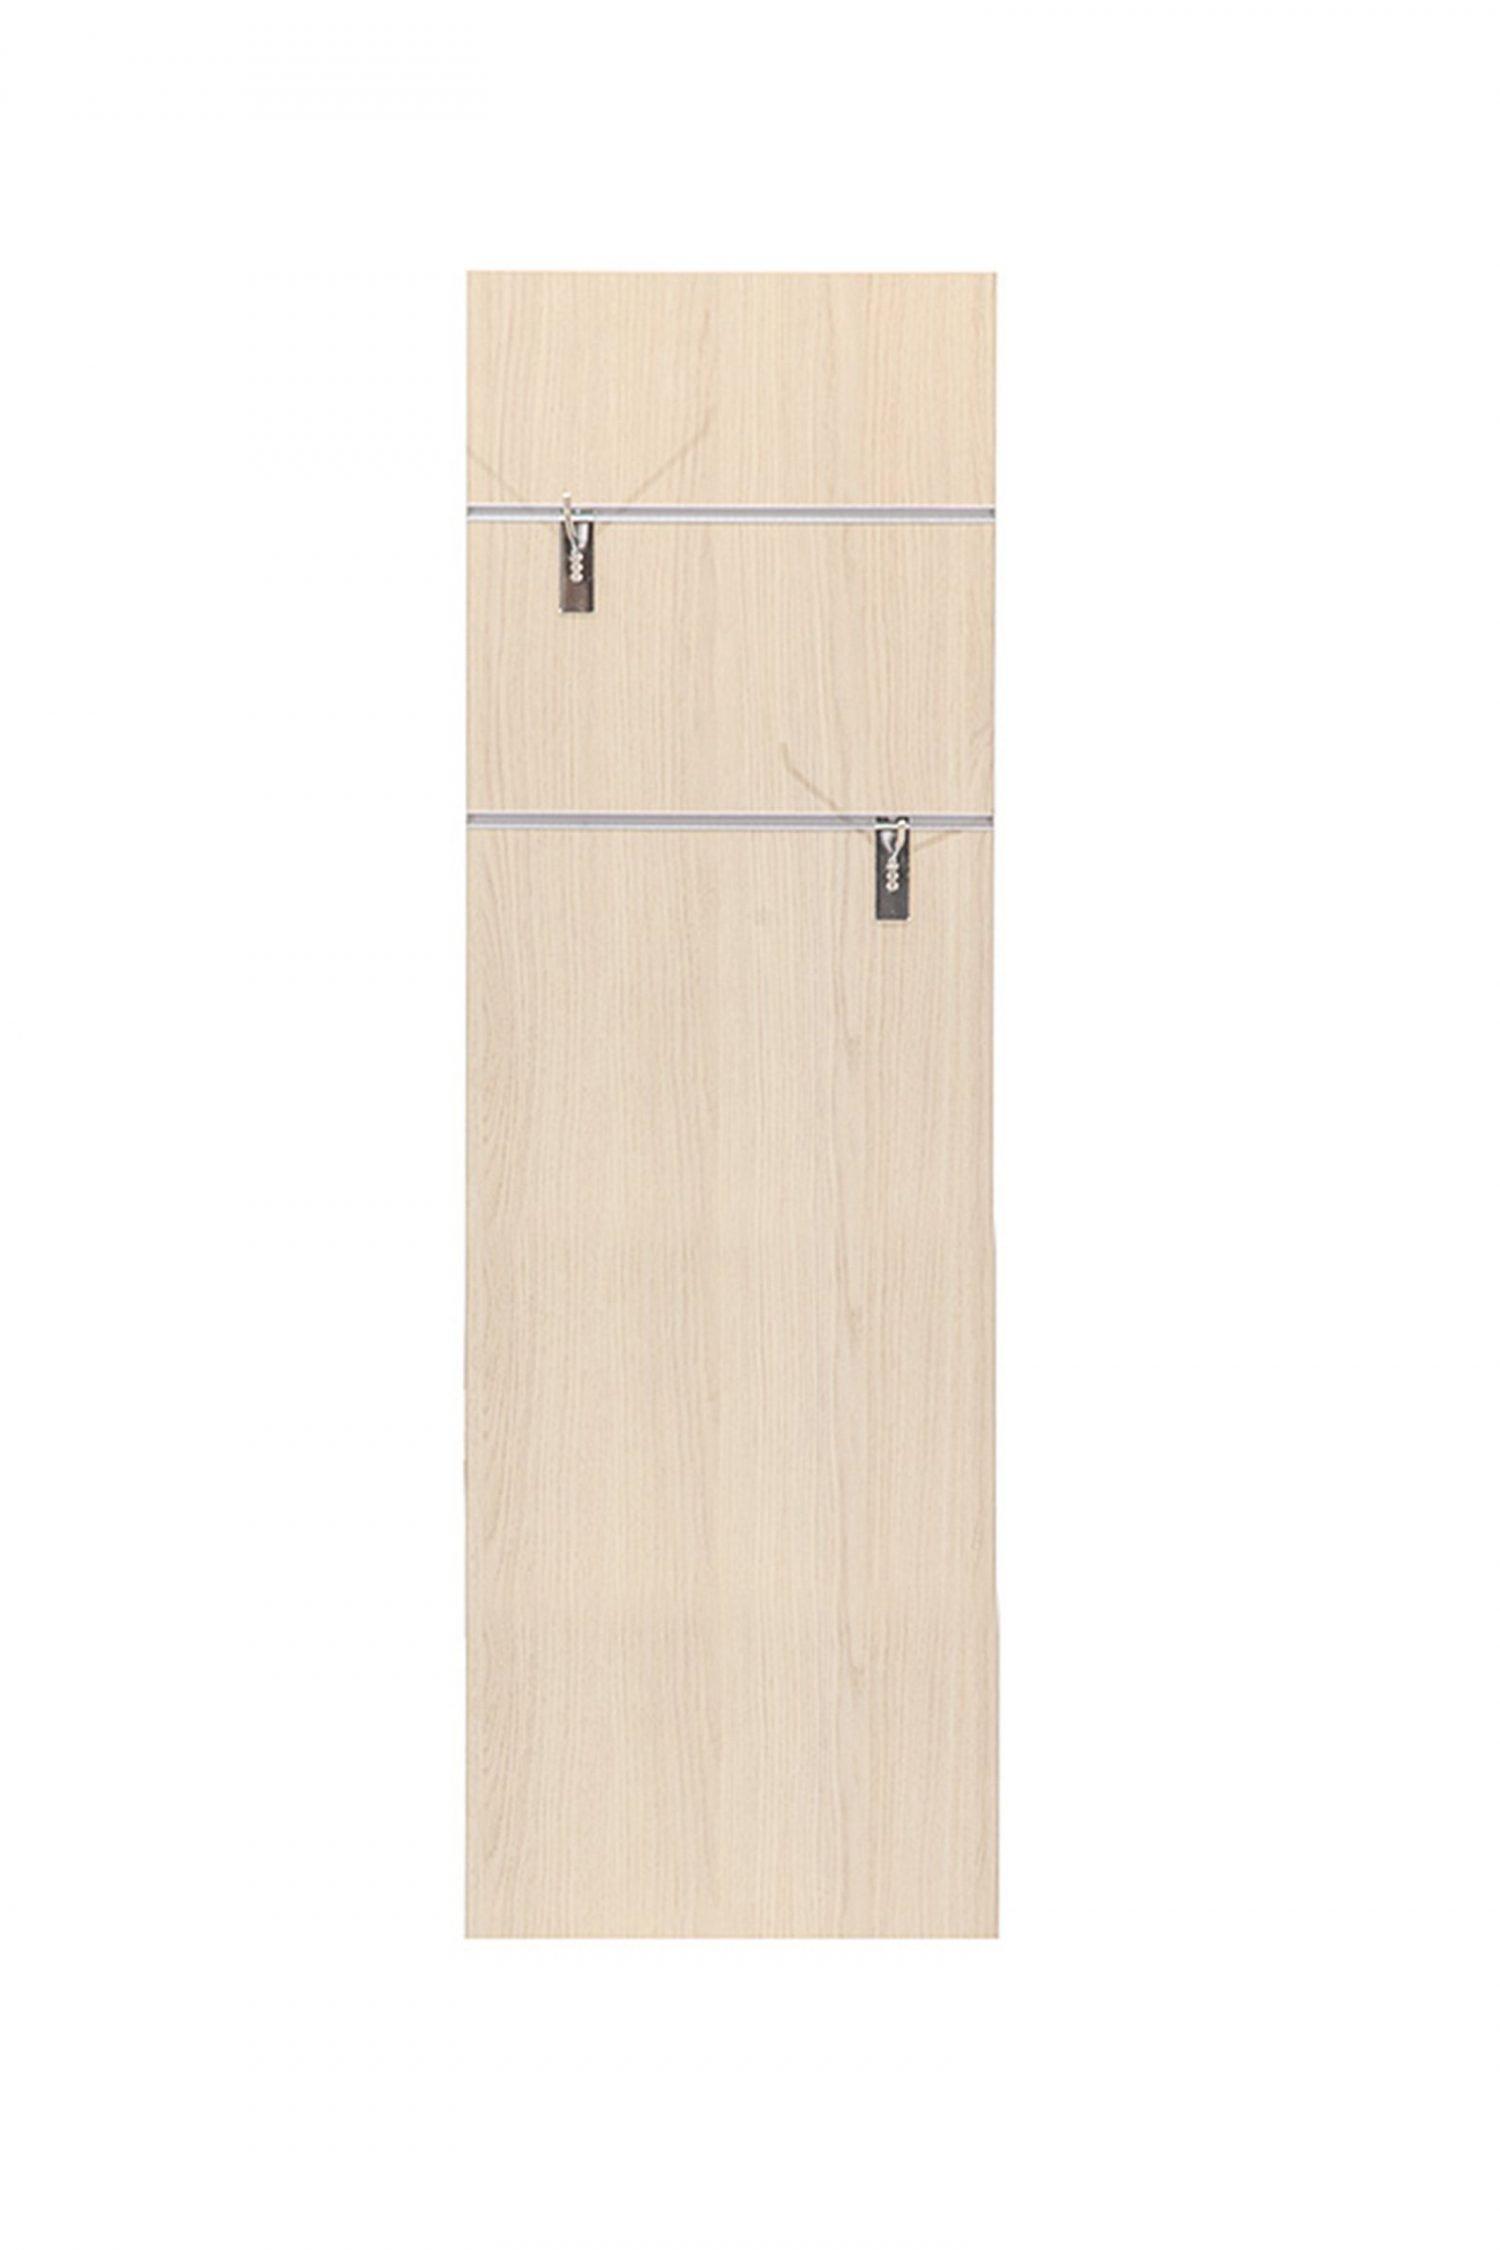 Trasera : Se compone de tablero vertical con guías y 2 colgadores móviles. Compatible para cubo Zócalo Cerrado y Multi